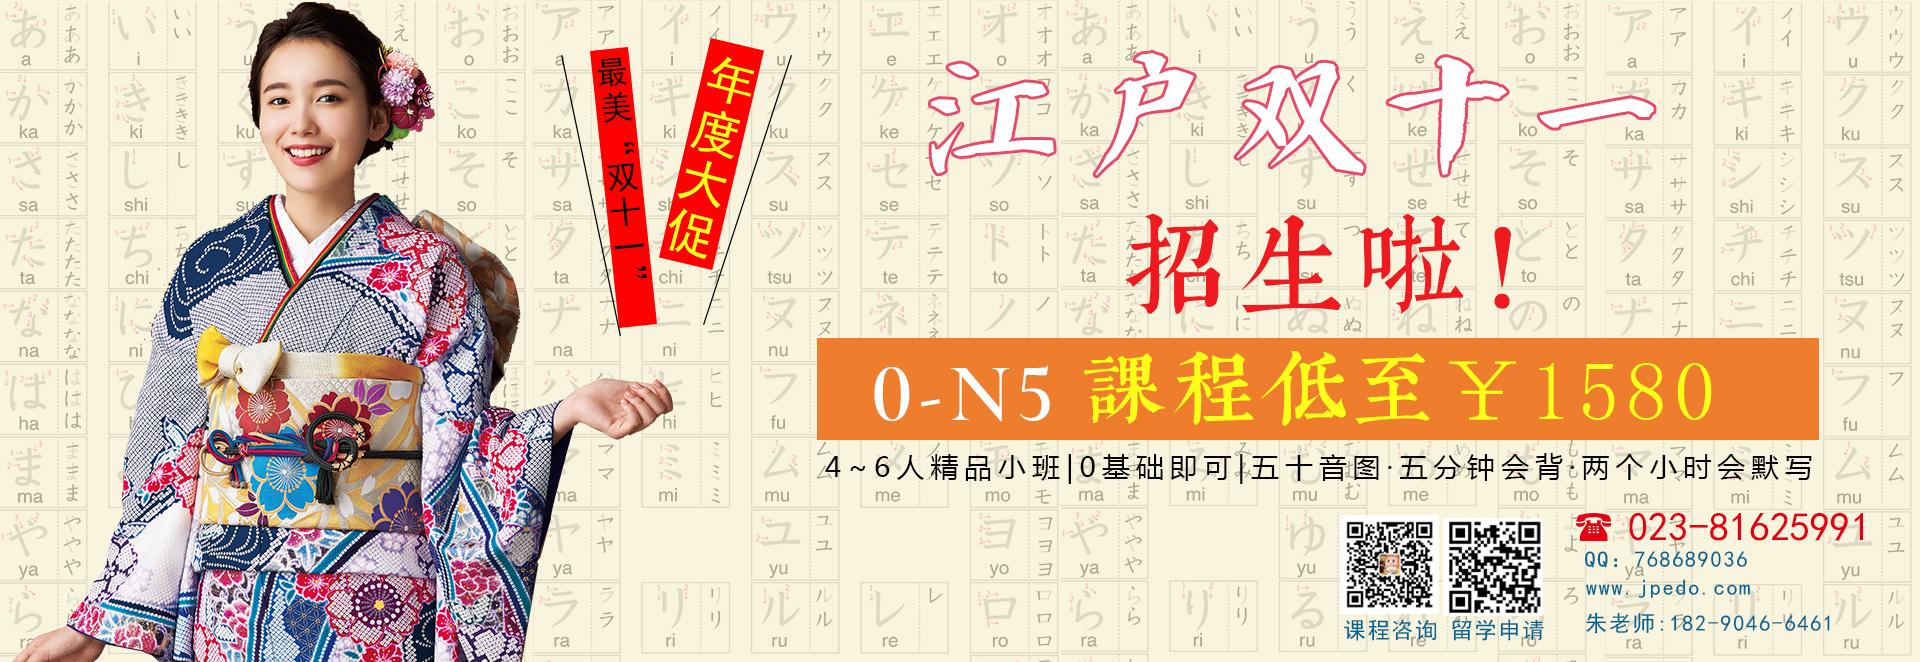 重庆日语,重庆日语培训,重庆江户日语